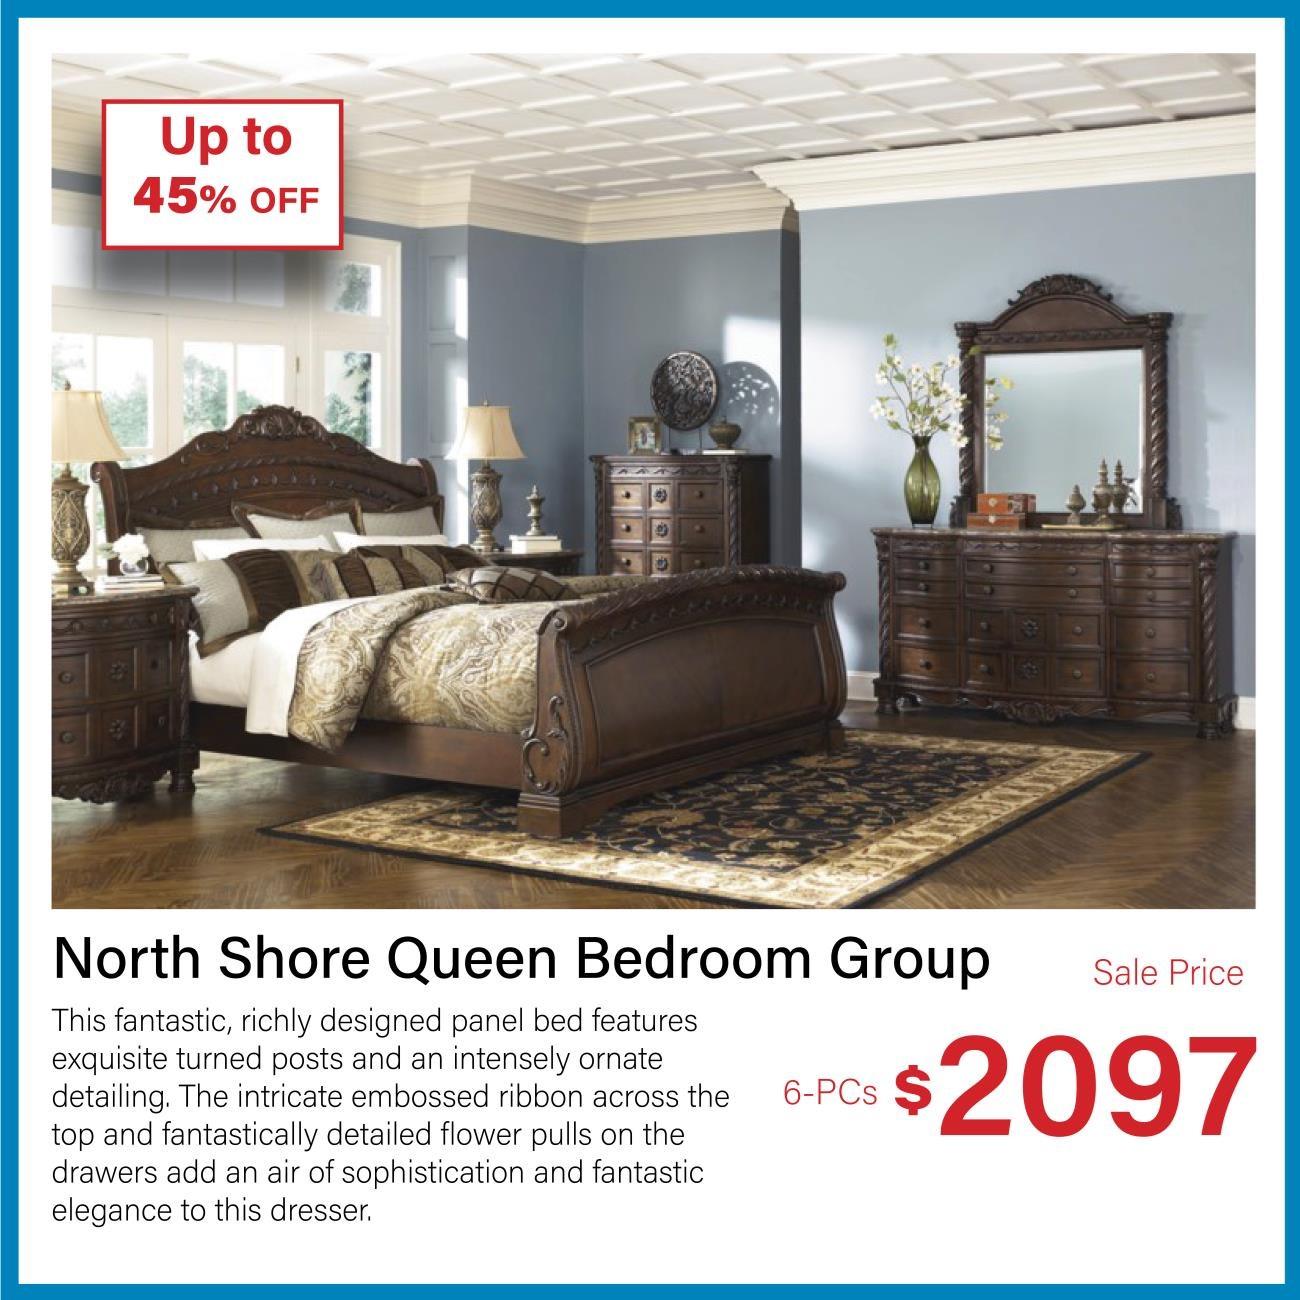 North shore queen bedroom group